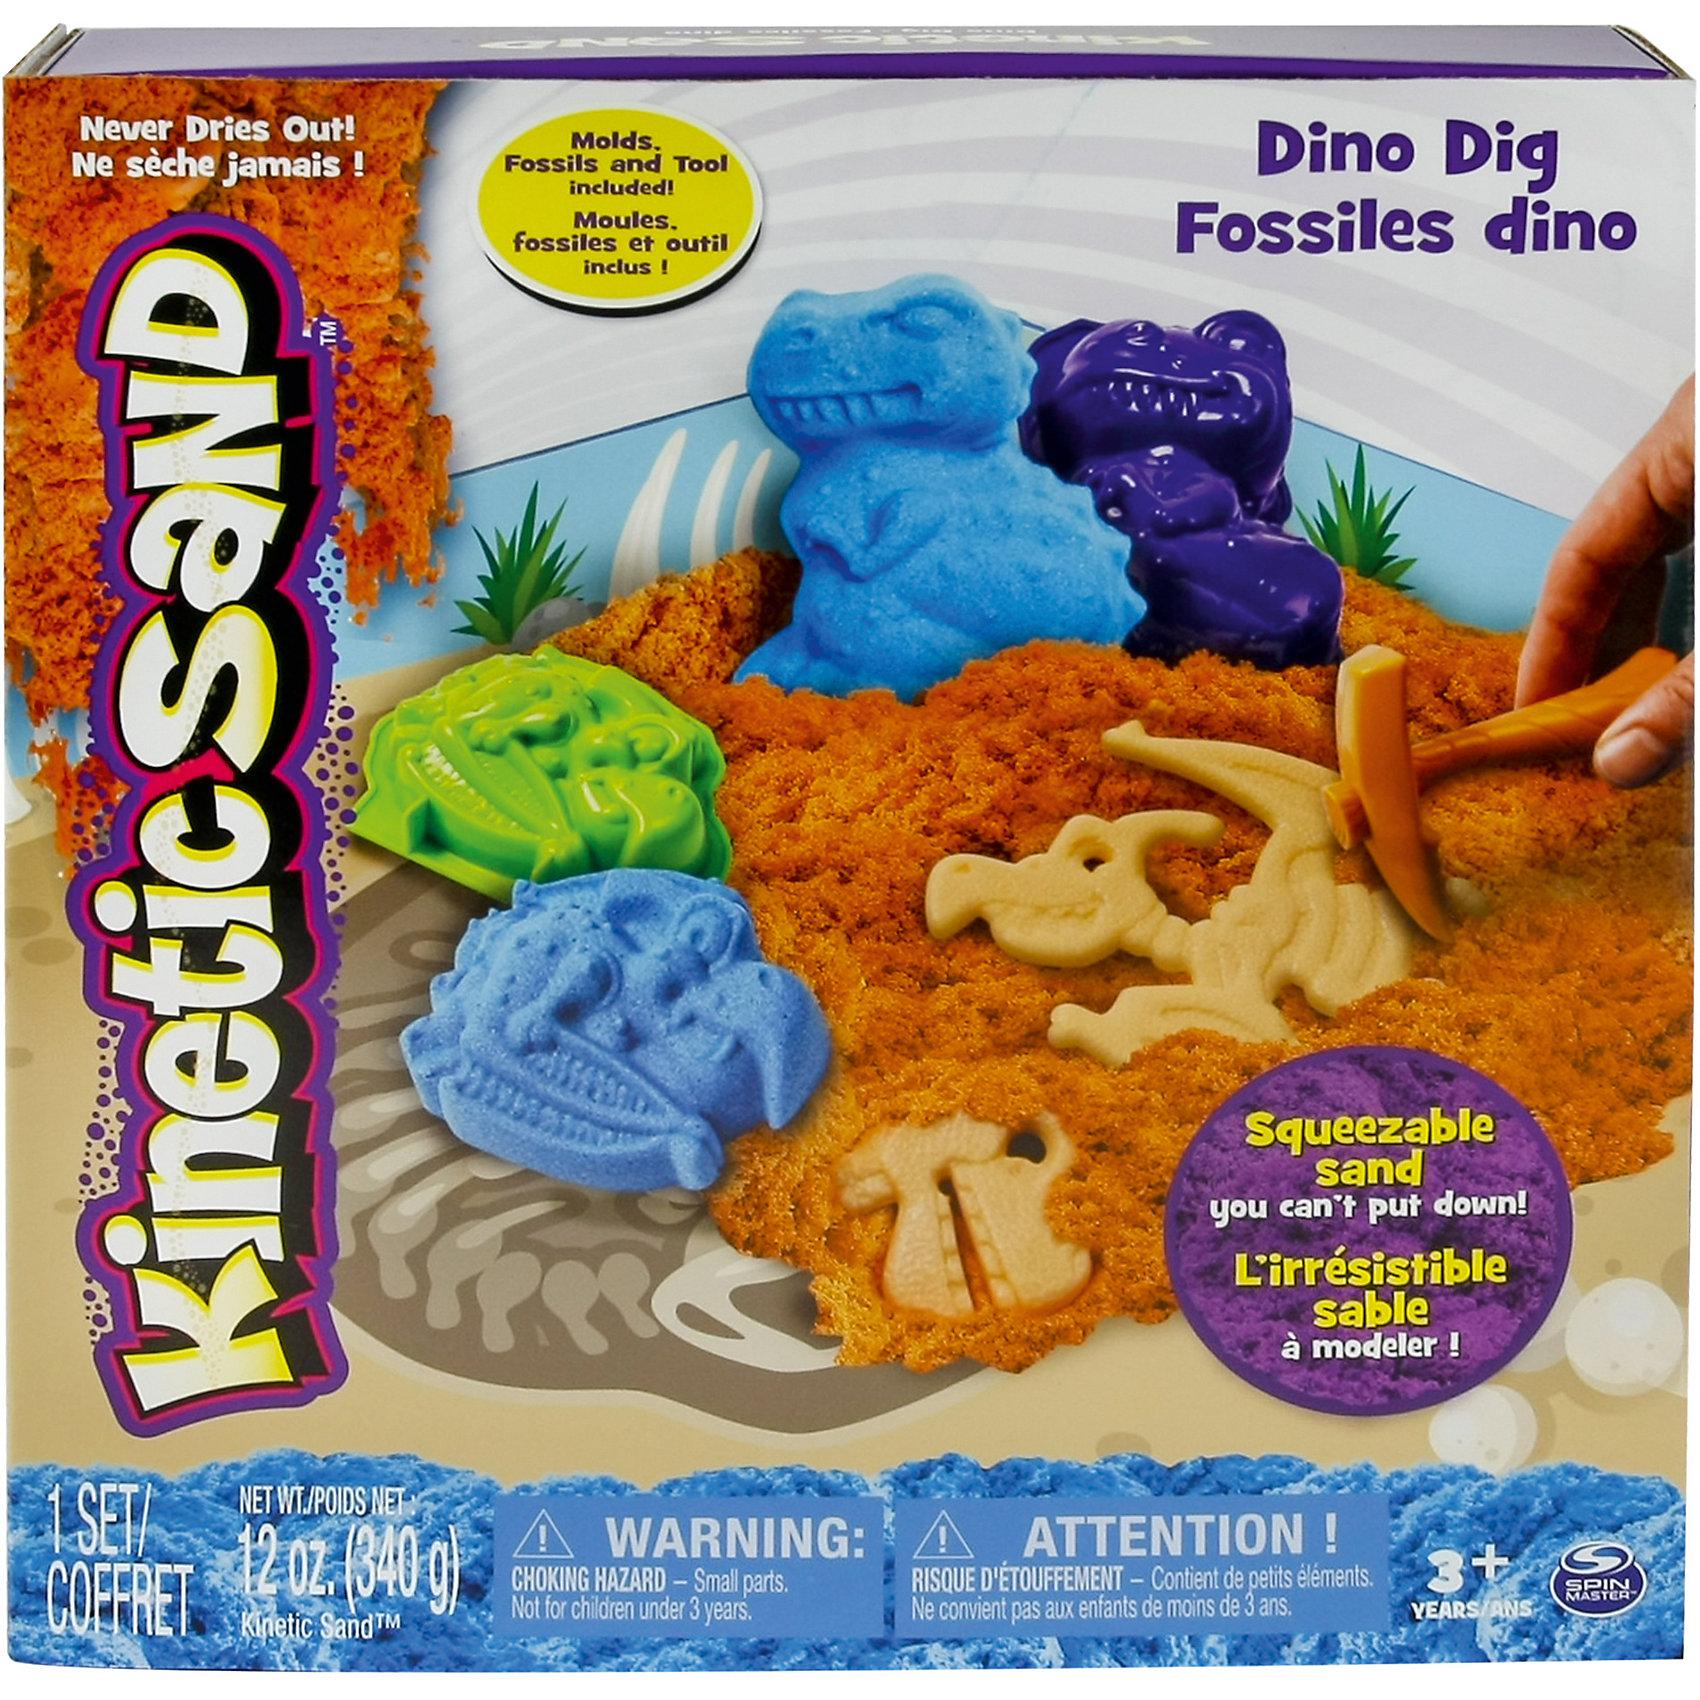 Песок для лепки Kinetic Sand. Игровой набор c формочками, 340 граммКинетический песок<br>Песок для лепки Kinetic Sand. Игровой набор c формочками, 340 грамм<br><br>Характеристики:<br><br>• развивает фантазию и мелкую моторику<br>• яркий цвет<br>• не высыхает и не пачкает одежду<br>• легко собрать<br>• быстро принимает нужную форму<br>• вес: 340 грамм<br>• состав: 98% кварцевый песок, 2% связующий агент<br><br>Кинетический песок - универсальный заменитель детской песочницы в домашних условиях. Для игры требуется лишь немного фантазии и желание играть. С помощью формочек ребенок сможет создать интересные фигуры динозавров, найти их останки, а может и придумать целую историю. Песок рассыпчатый, не липнет к рукам, не пачкает одежду и легко собирается. В набор входит удобная площадка для игры. При желании вы можете помочь ребенку смешать цвета и создать новый оттенок. Яркие фигурки легко рассыпаются на песчинки, которые ребенок с радостью соберет снова и снова.<br><br>Песок для лепки Kinetic Sand. Игровой набор c формочками, 340 грамм вы можете купить в нашем интернет-магазине.<br><br>Ширина мм: 255<br>Глубина мм: 270<br>Высота мм: 60<br>Вес г: 733<br>Возраст от месяцев: 36<br>Возраст до месяцев: 72<br>Пол: Унисекс<br>Возраст: Детский<br>SKU: 5203144